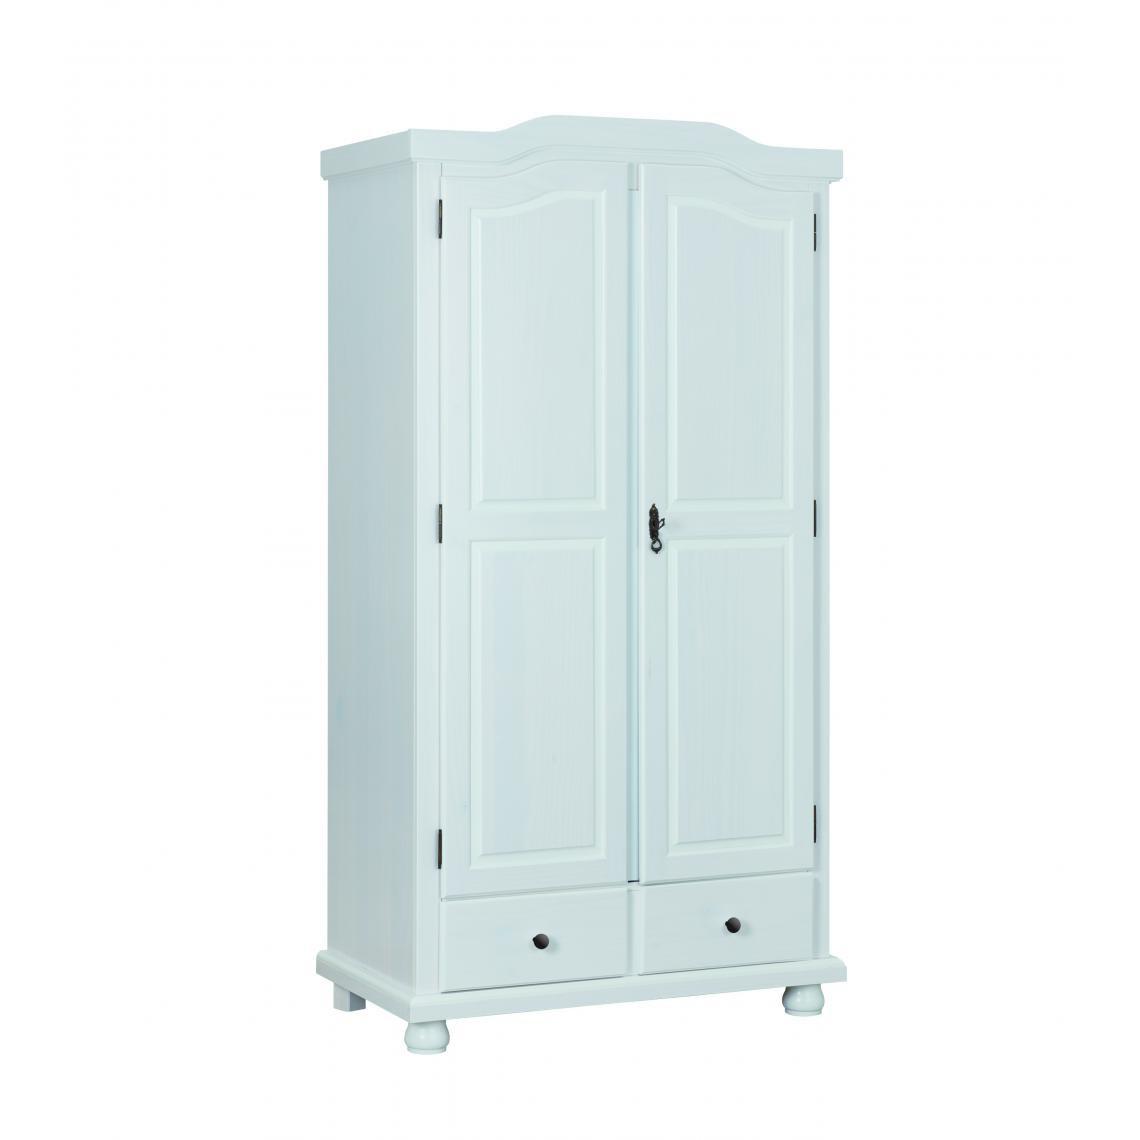 armoire blanche reutte